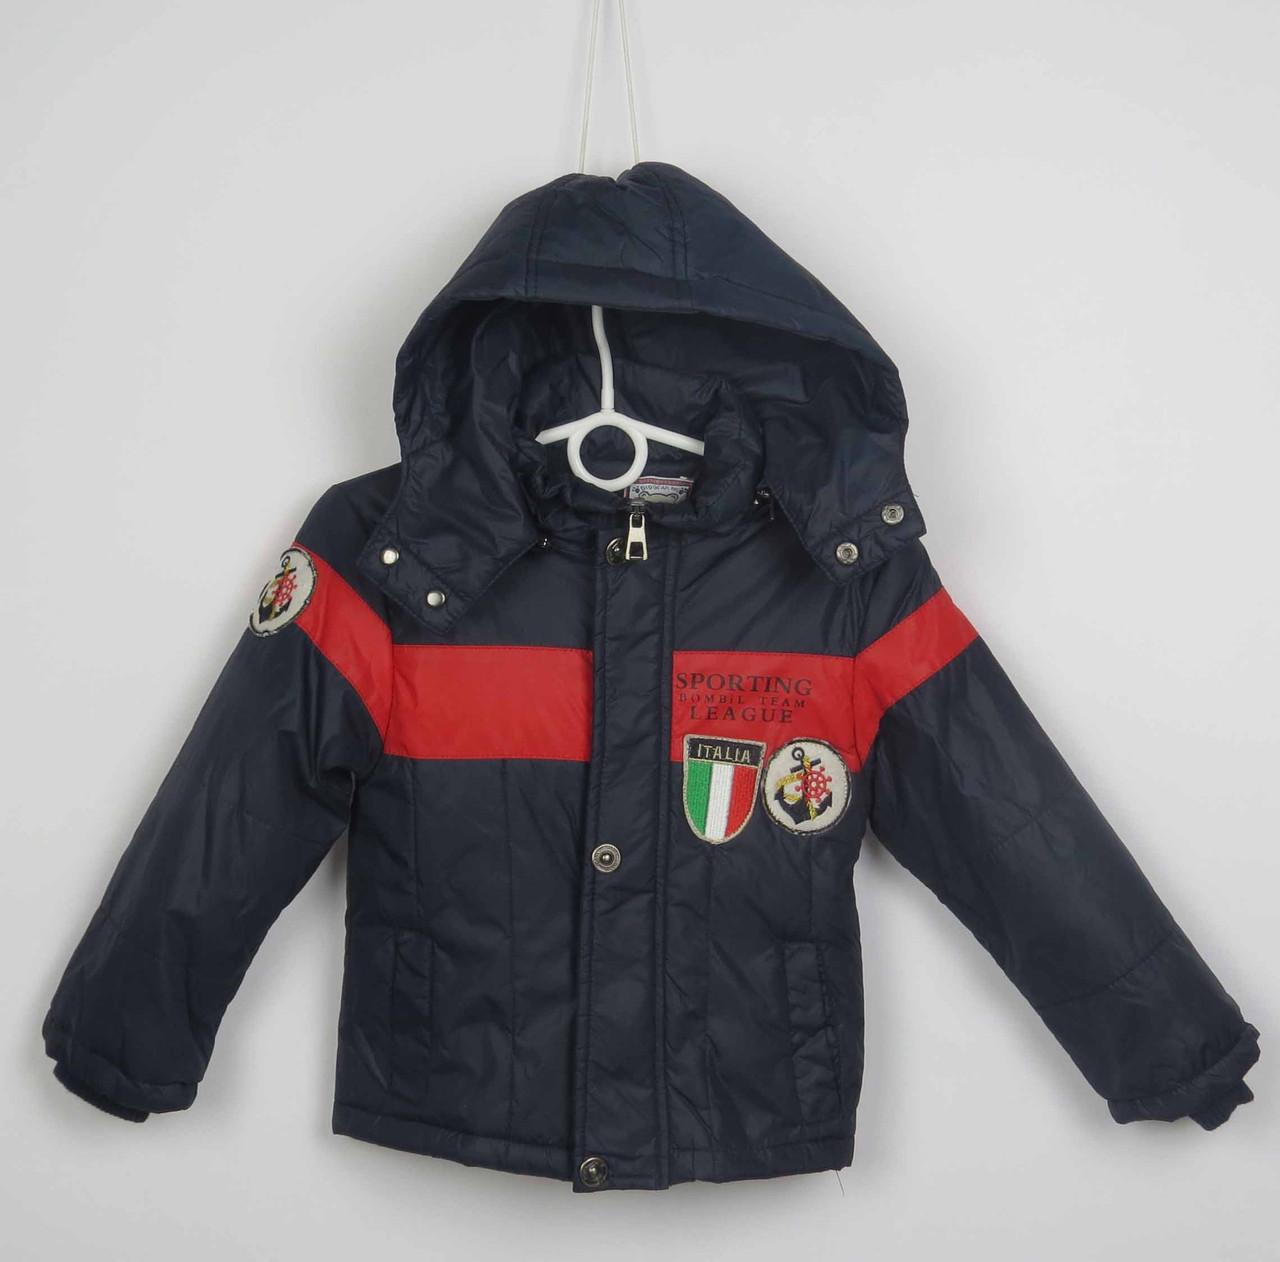 Куртка весна-осень,код italy, размеры рост 92 см - 116 см, размеры 2-5 лет, фото 1